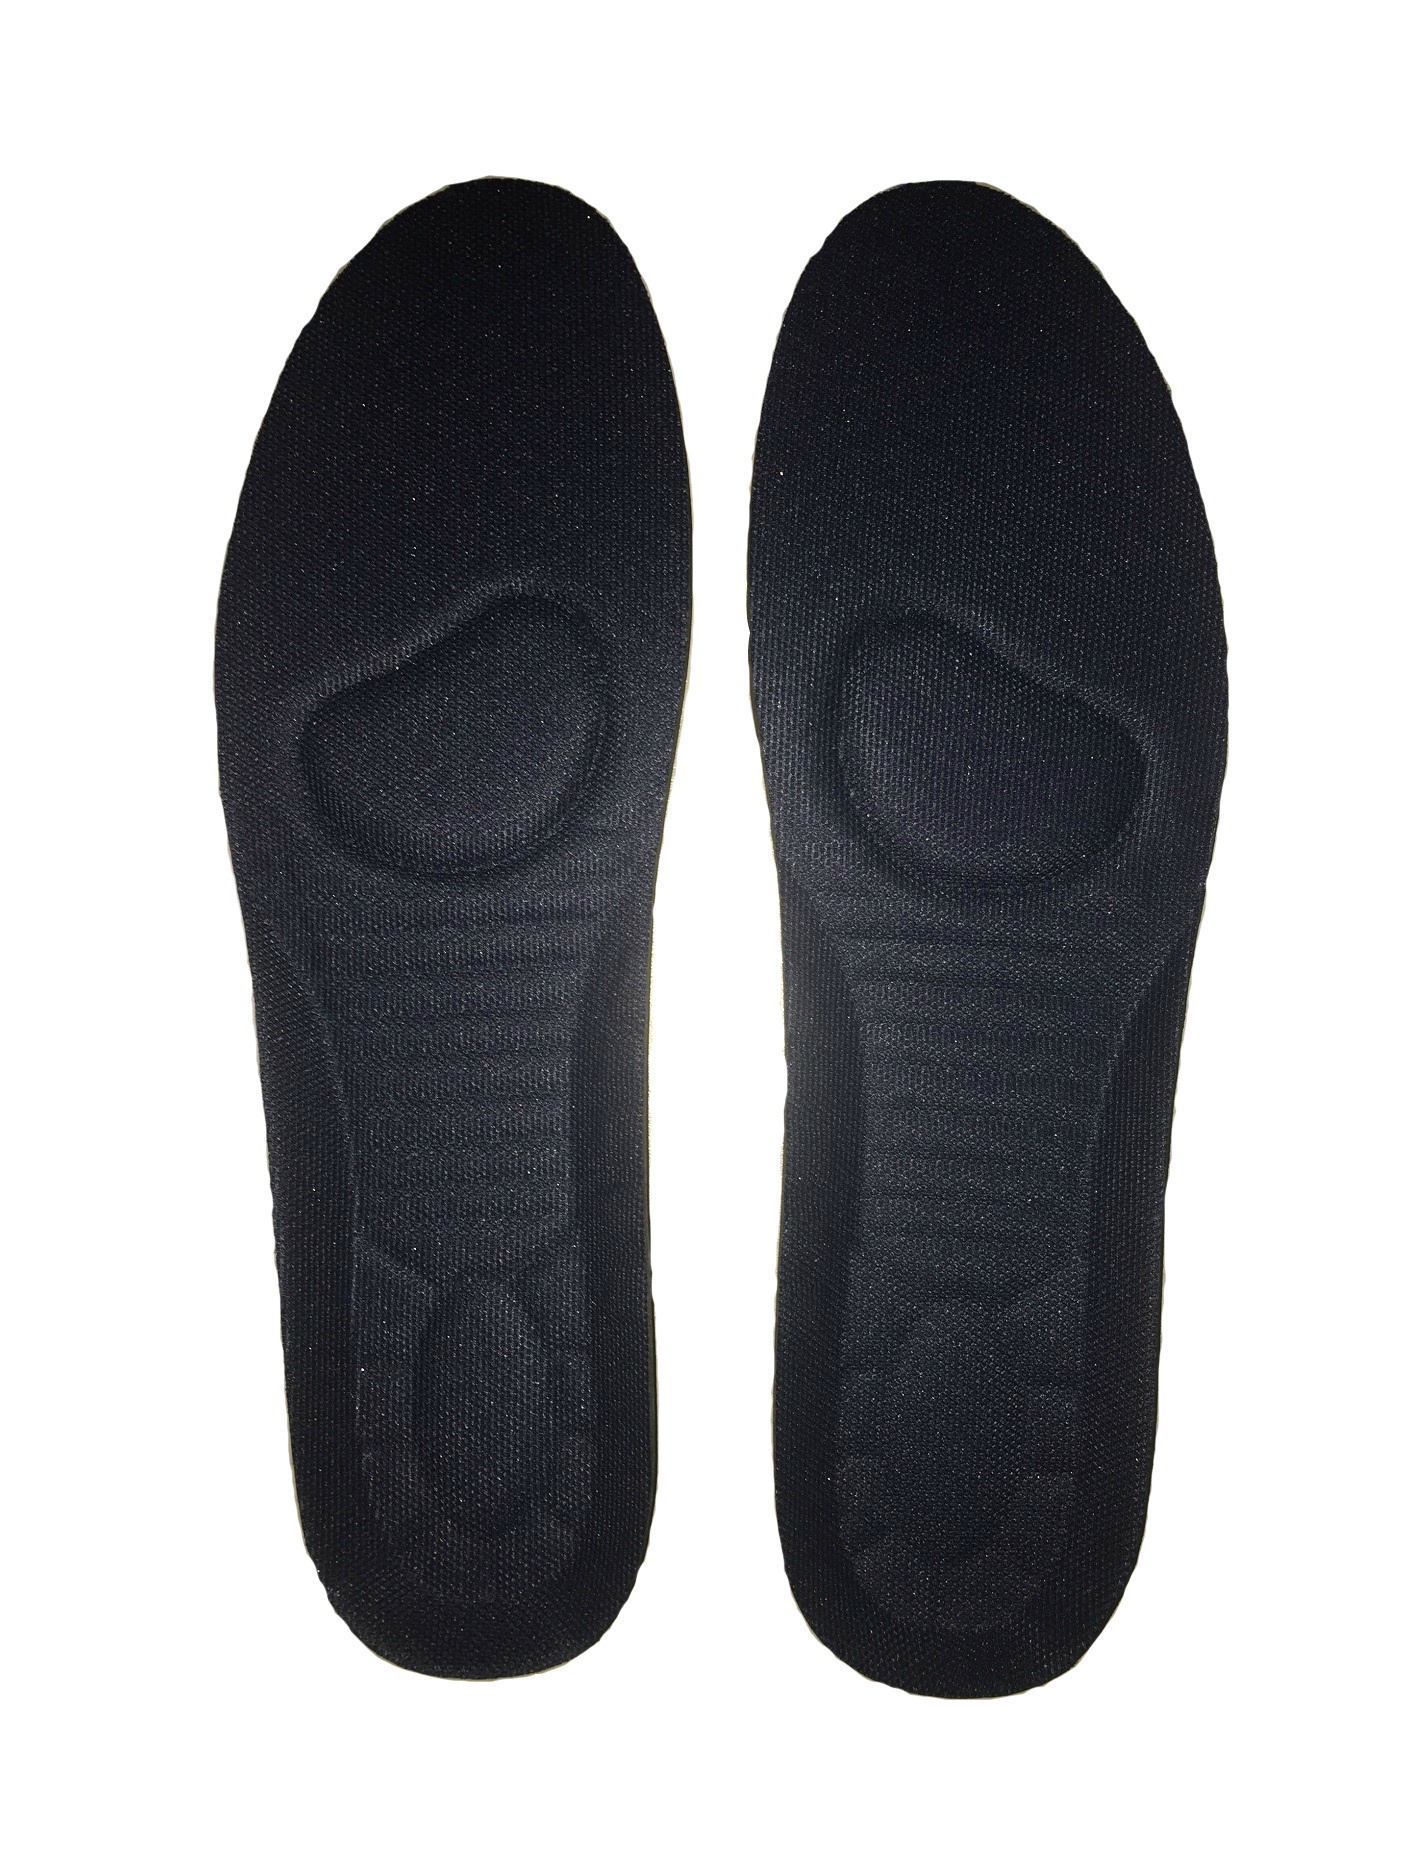 Стельки для спортивной обуви с массажным эффектом, р.34-46, ТМ AGP стельки атлетизм